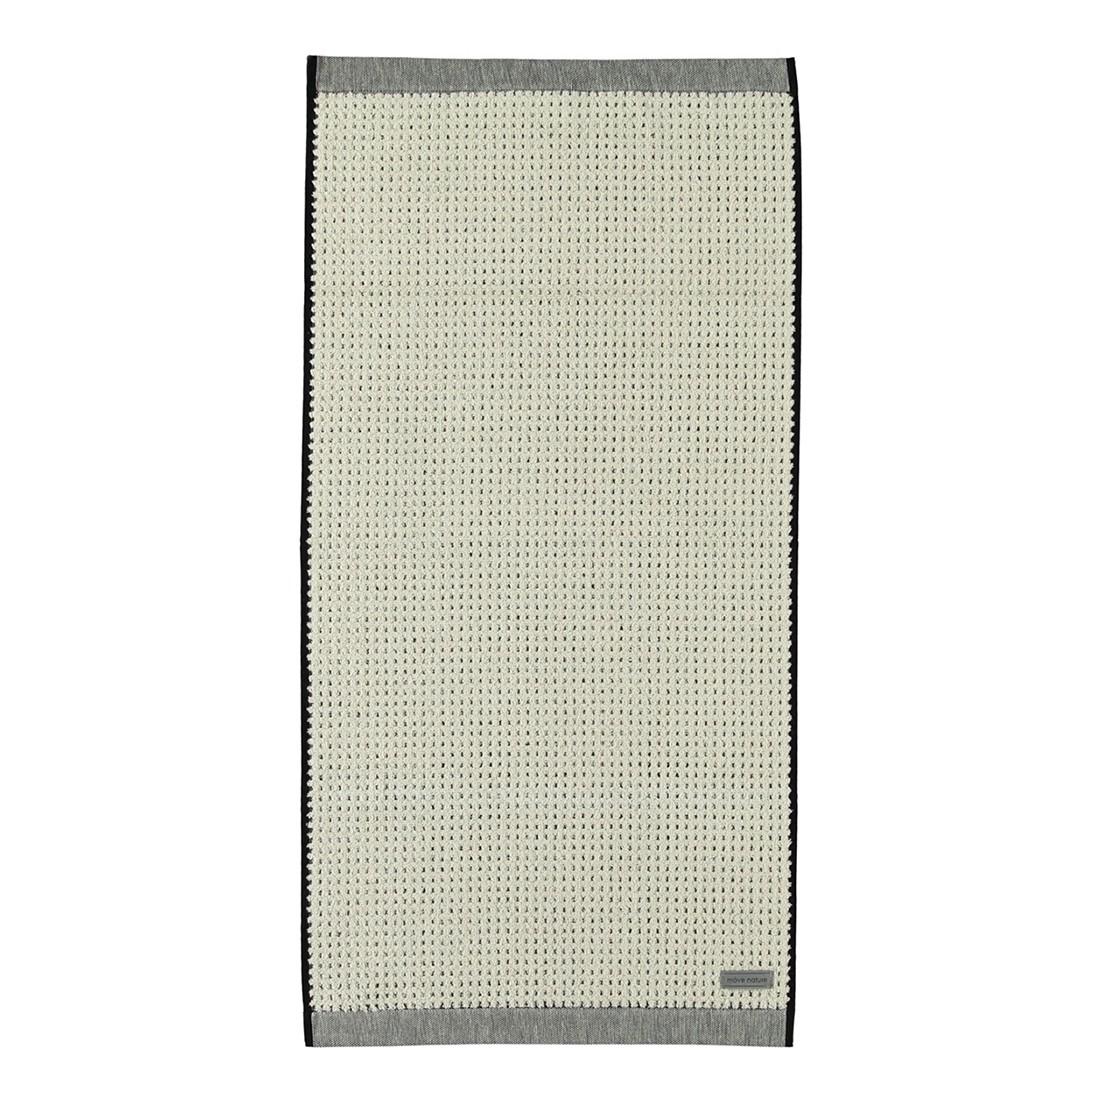 Handtuch Eden – 80% Baumwolle, 20% Leinen Natur – 081 – Duschtuch: 80 x 150 cm, Möve online kaufen